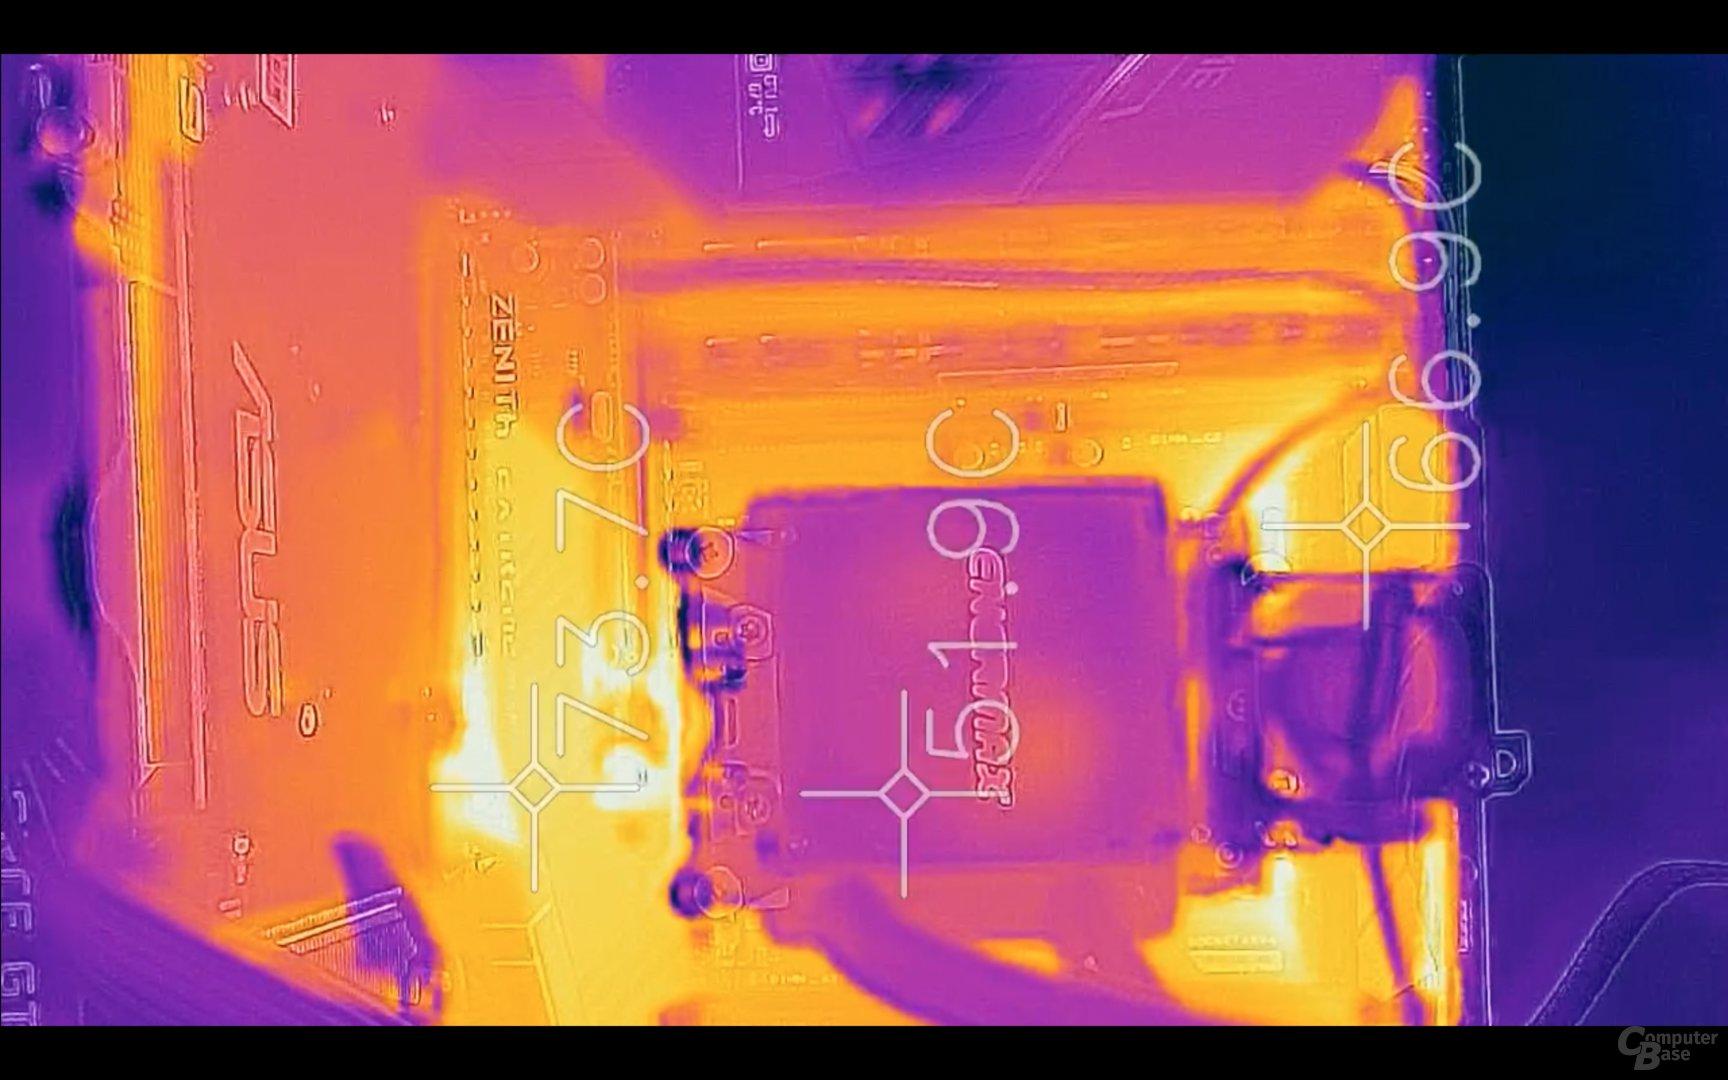 Mit dem Cooling Kit fallen insbesondere die VCore-VRM-Temperaturen